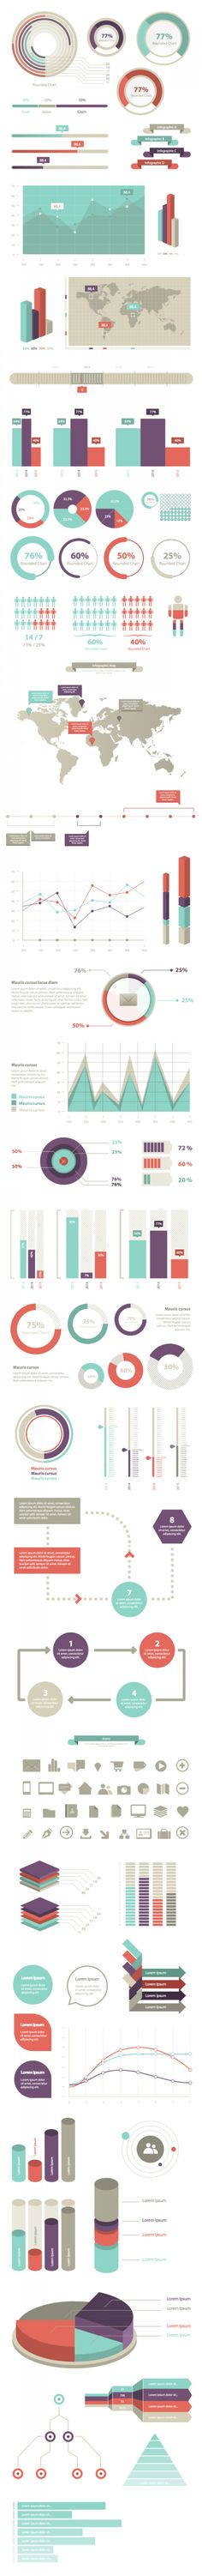 Infographics Symbols Infographic